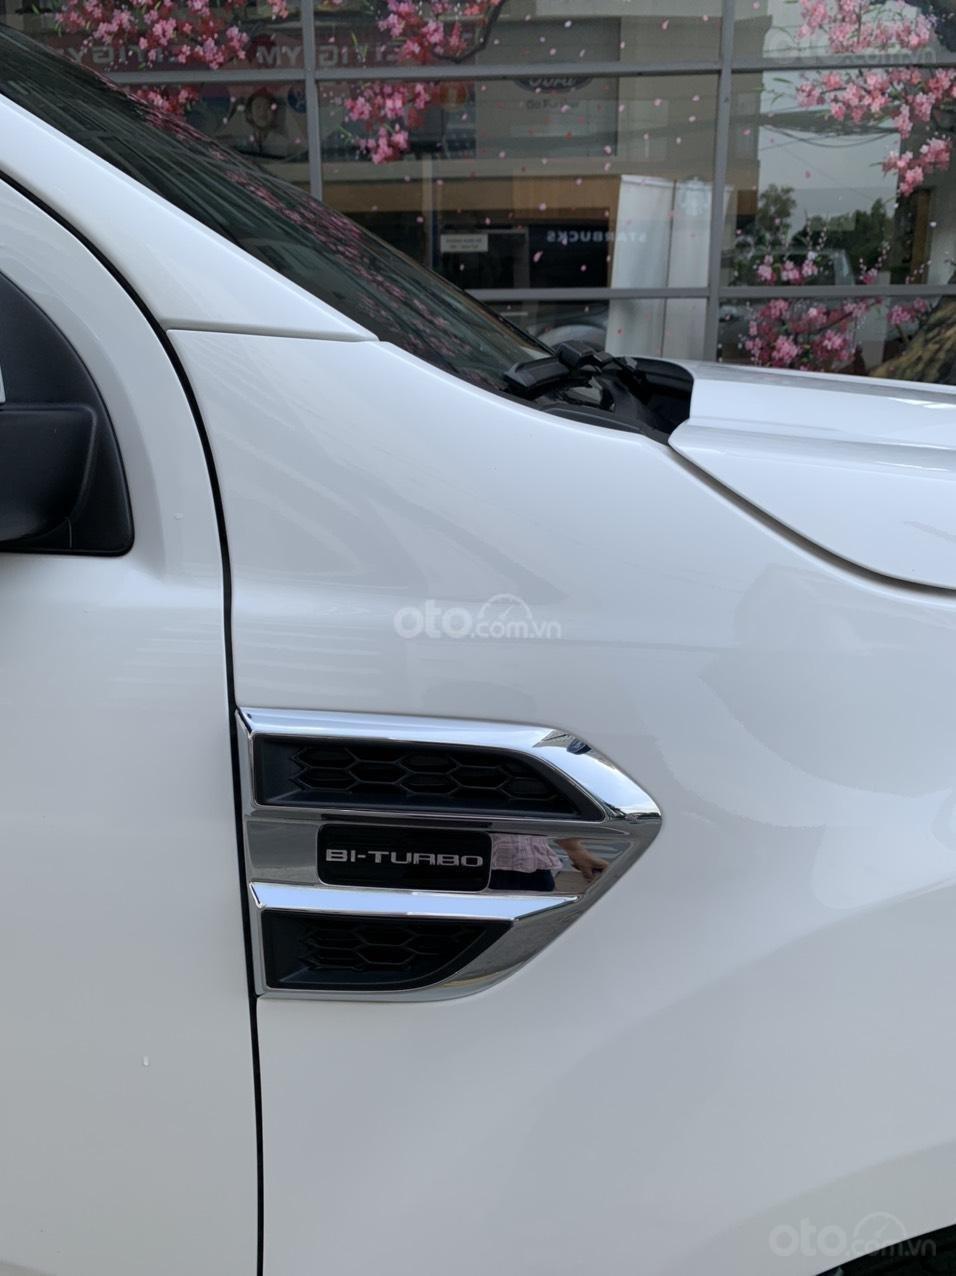 Ford Everest Titanium Biturbo 2019 màu trắng xe đẹp như mới (5)